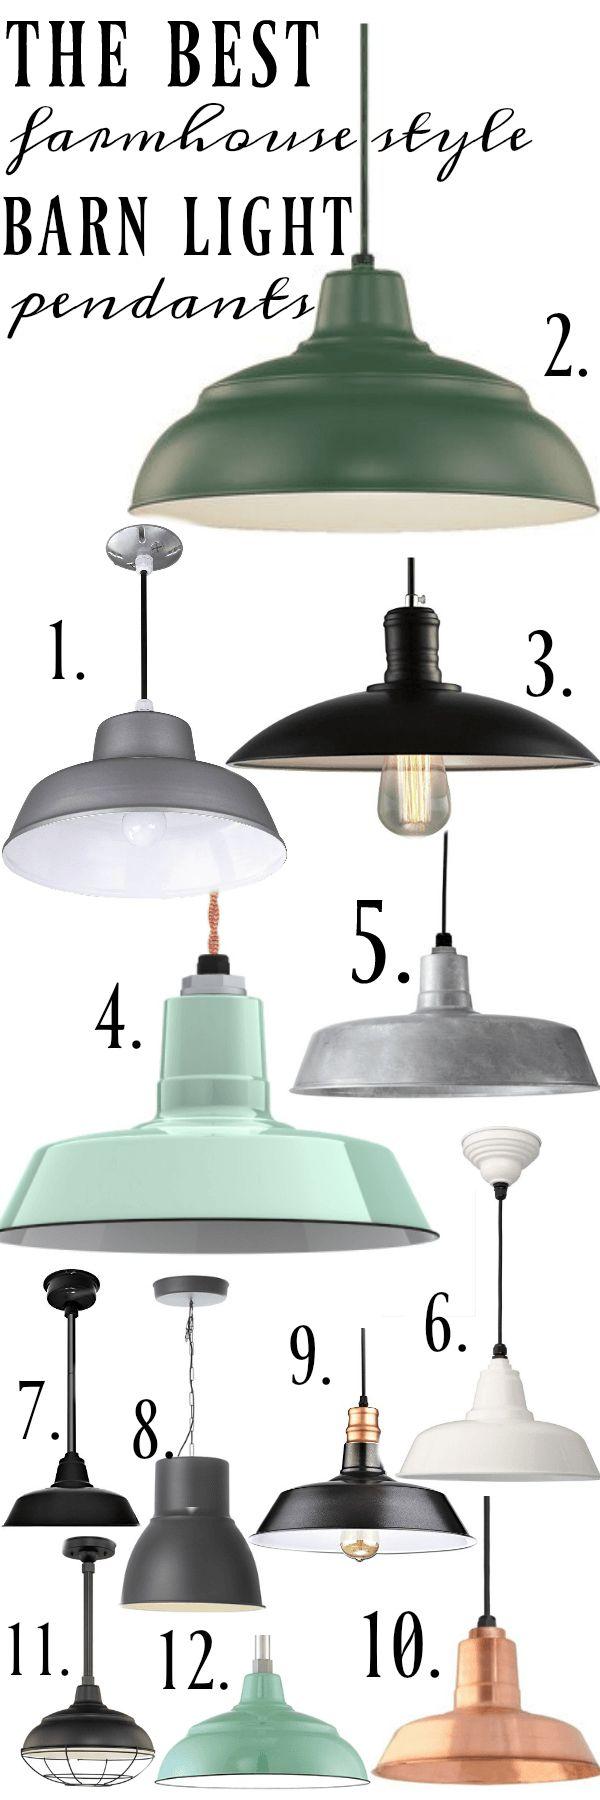 kitchen sink lighting farmhouse kitchen lighting fixtures Farmhouse Barn Light Pendants